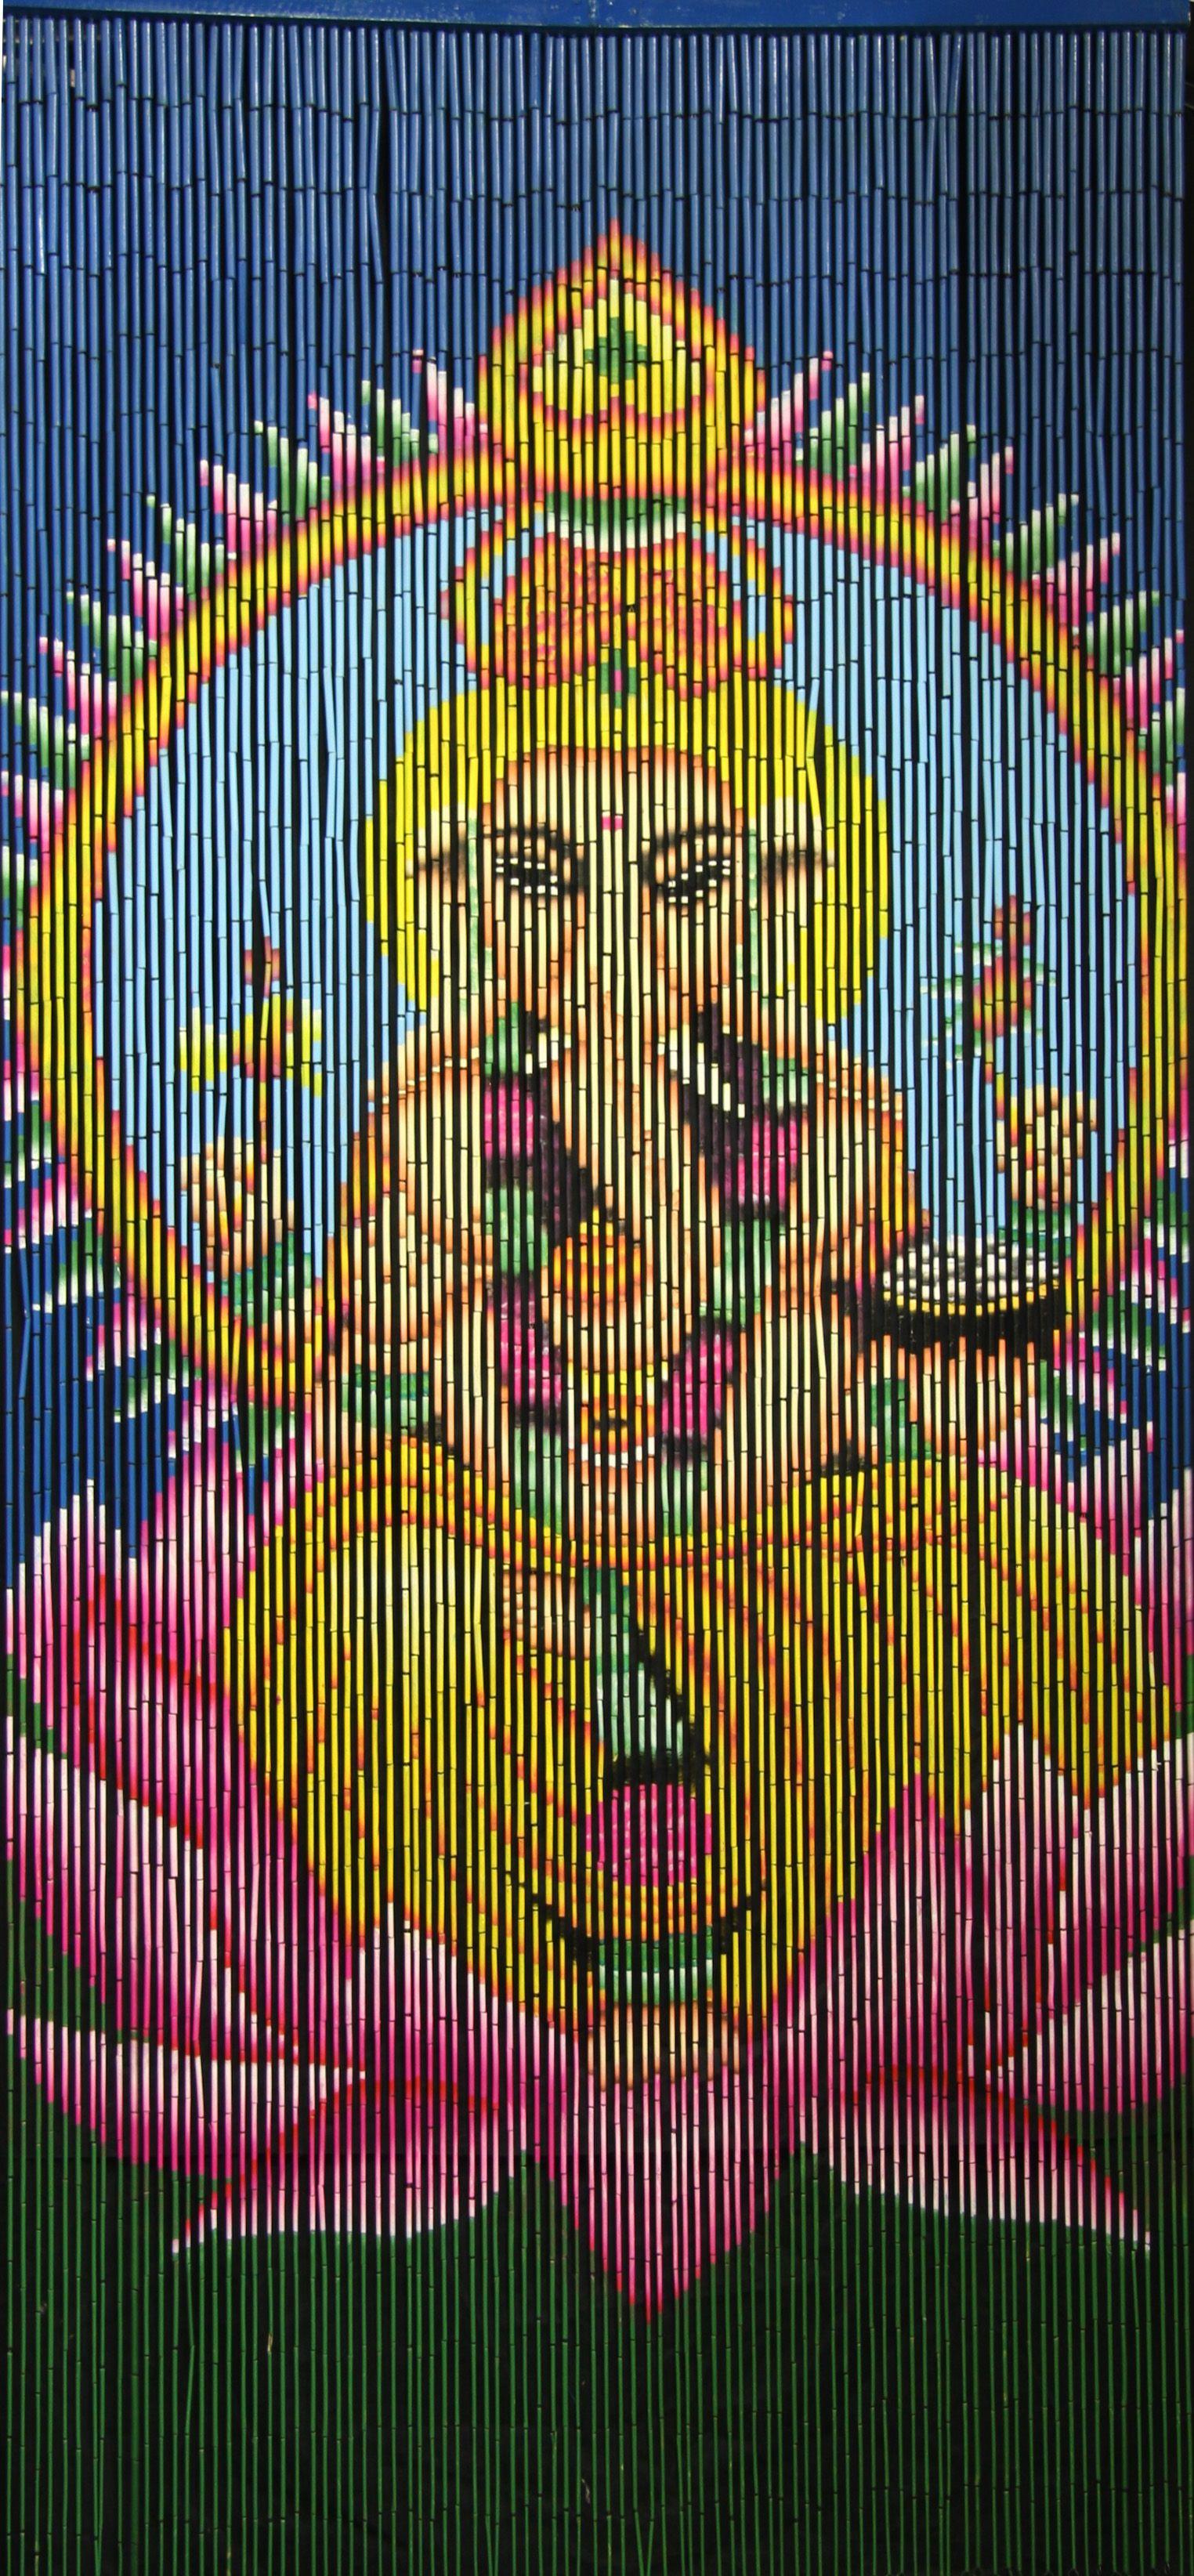 Beaded Door Curtains Panels Custom Painted String Bead Room Divider Hanging Bamboo Wooden Hippie Curtain Doorway with Beads 4 Door Window